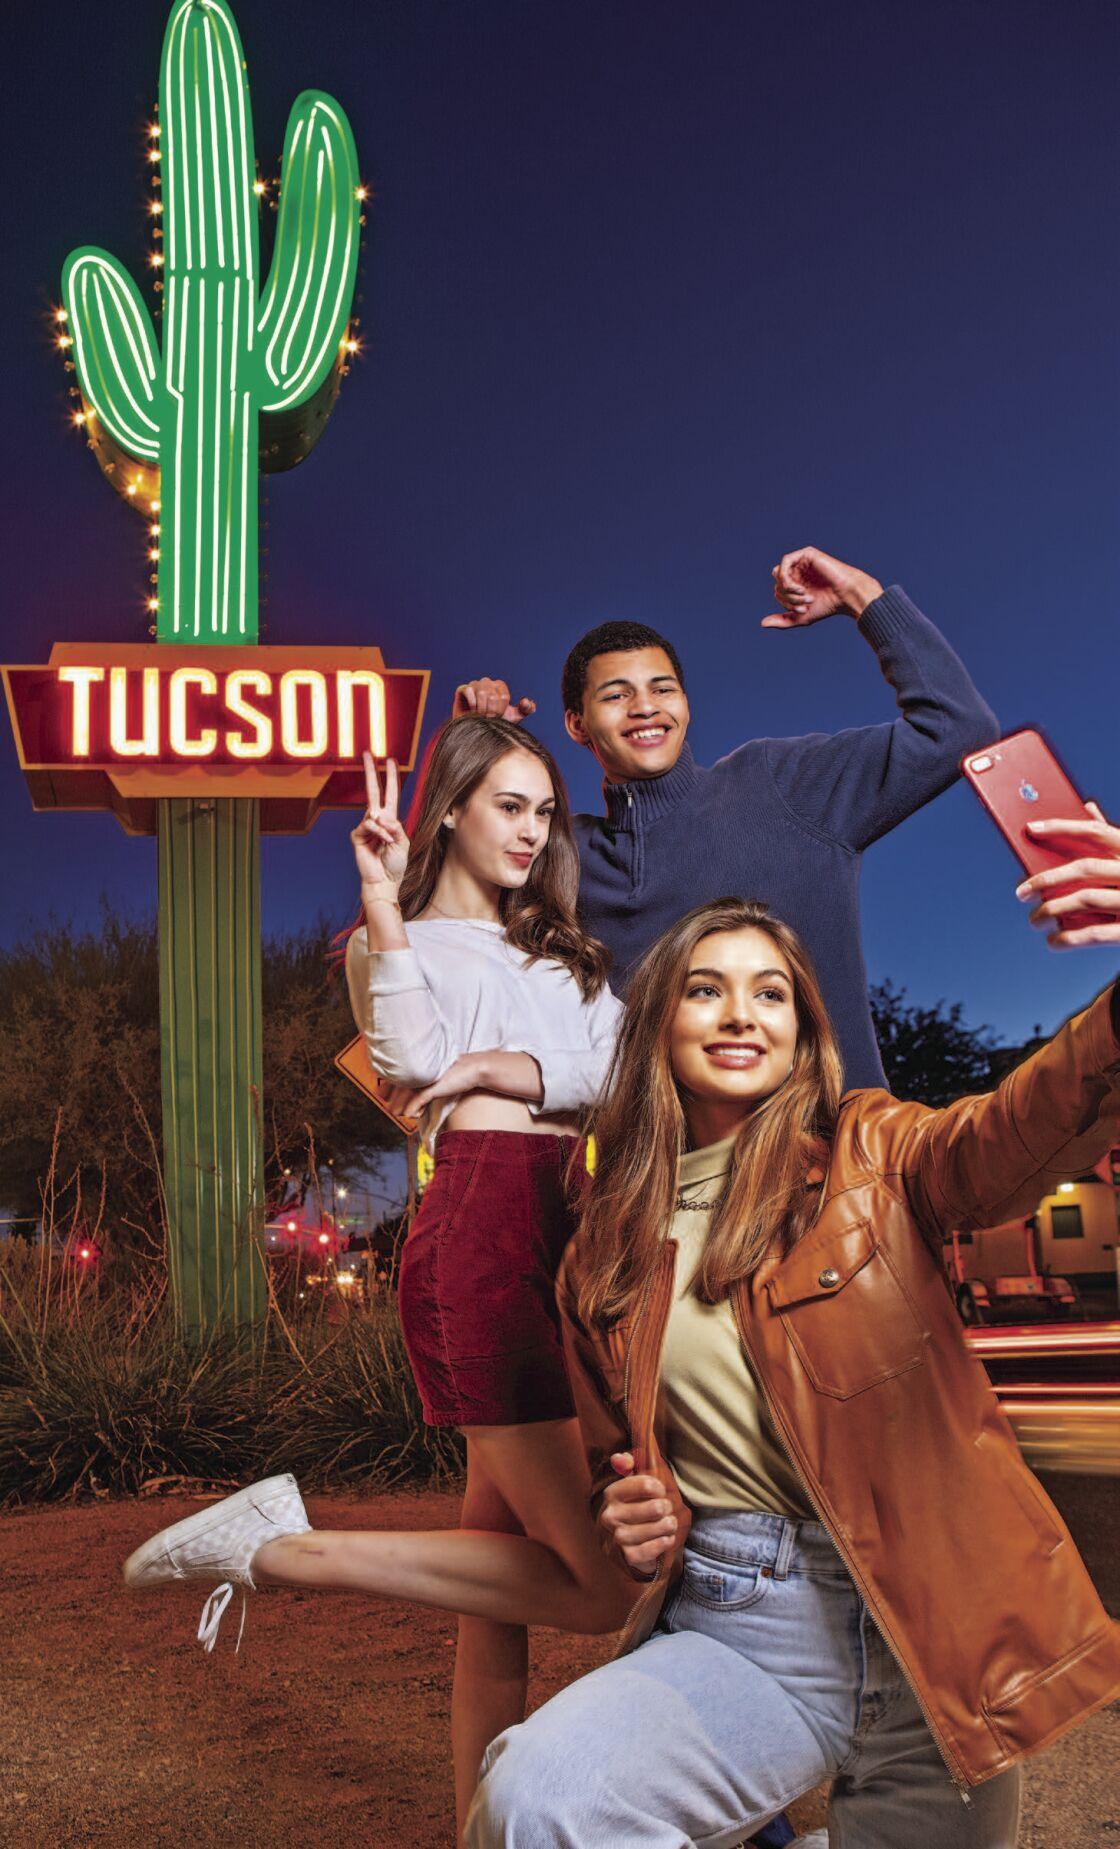 Saguaro Tucson.jpg